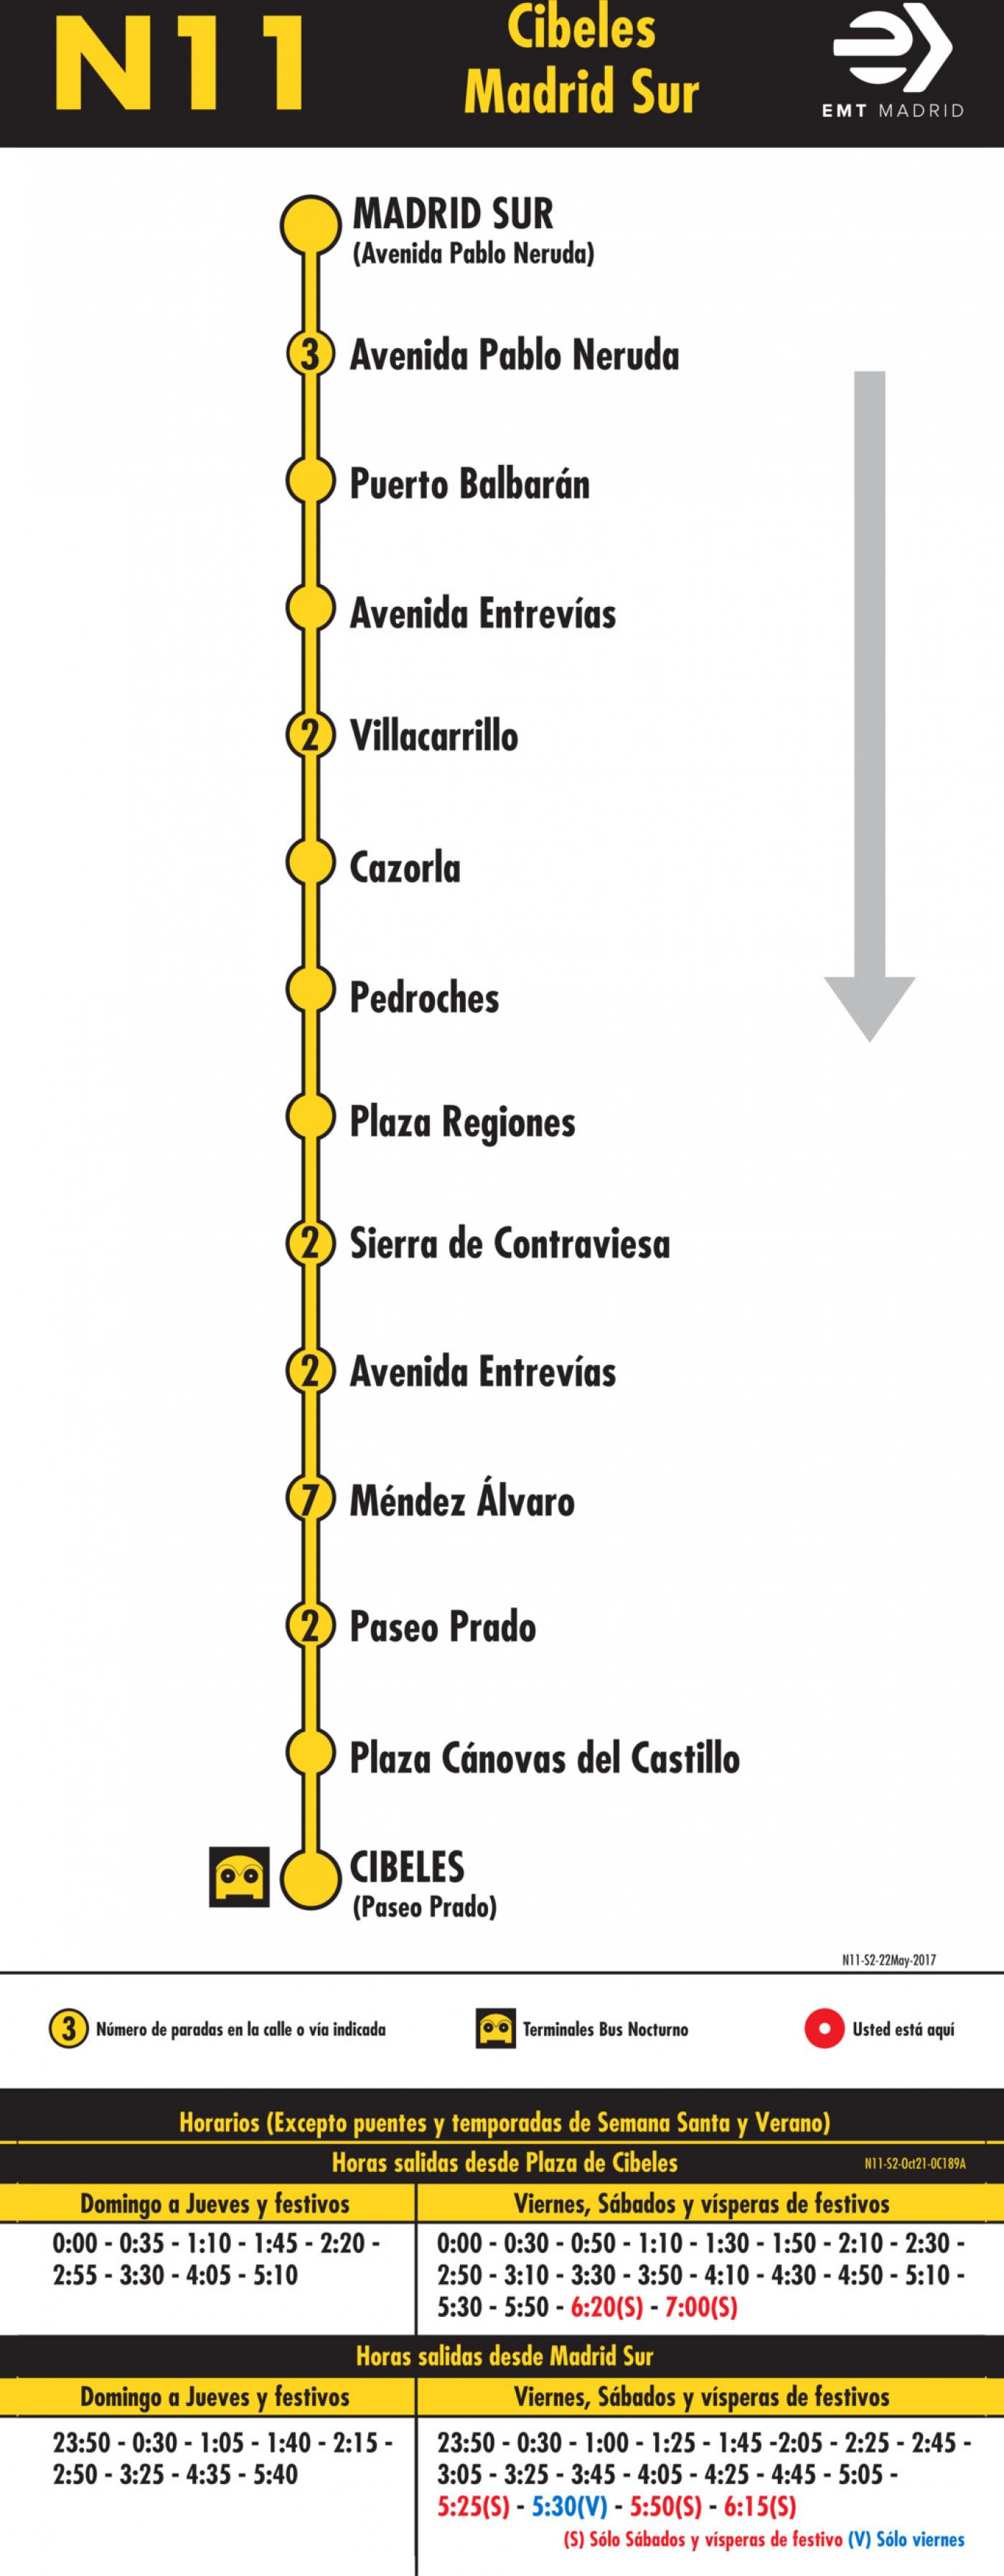 Tabla de horarios y frecuencias de paso en sentido vuelta Línea N11: Plaza de Cibeles - Madrid Sur (búho)